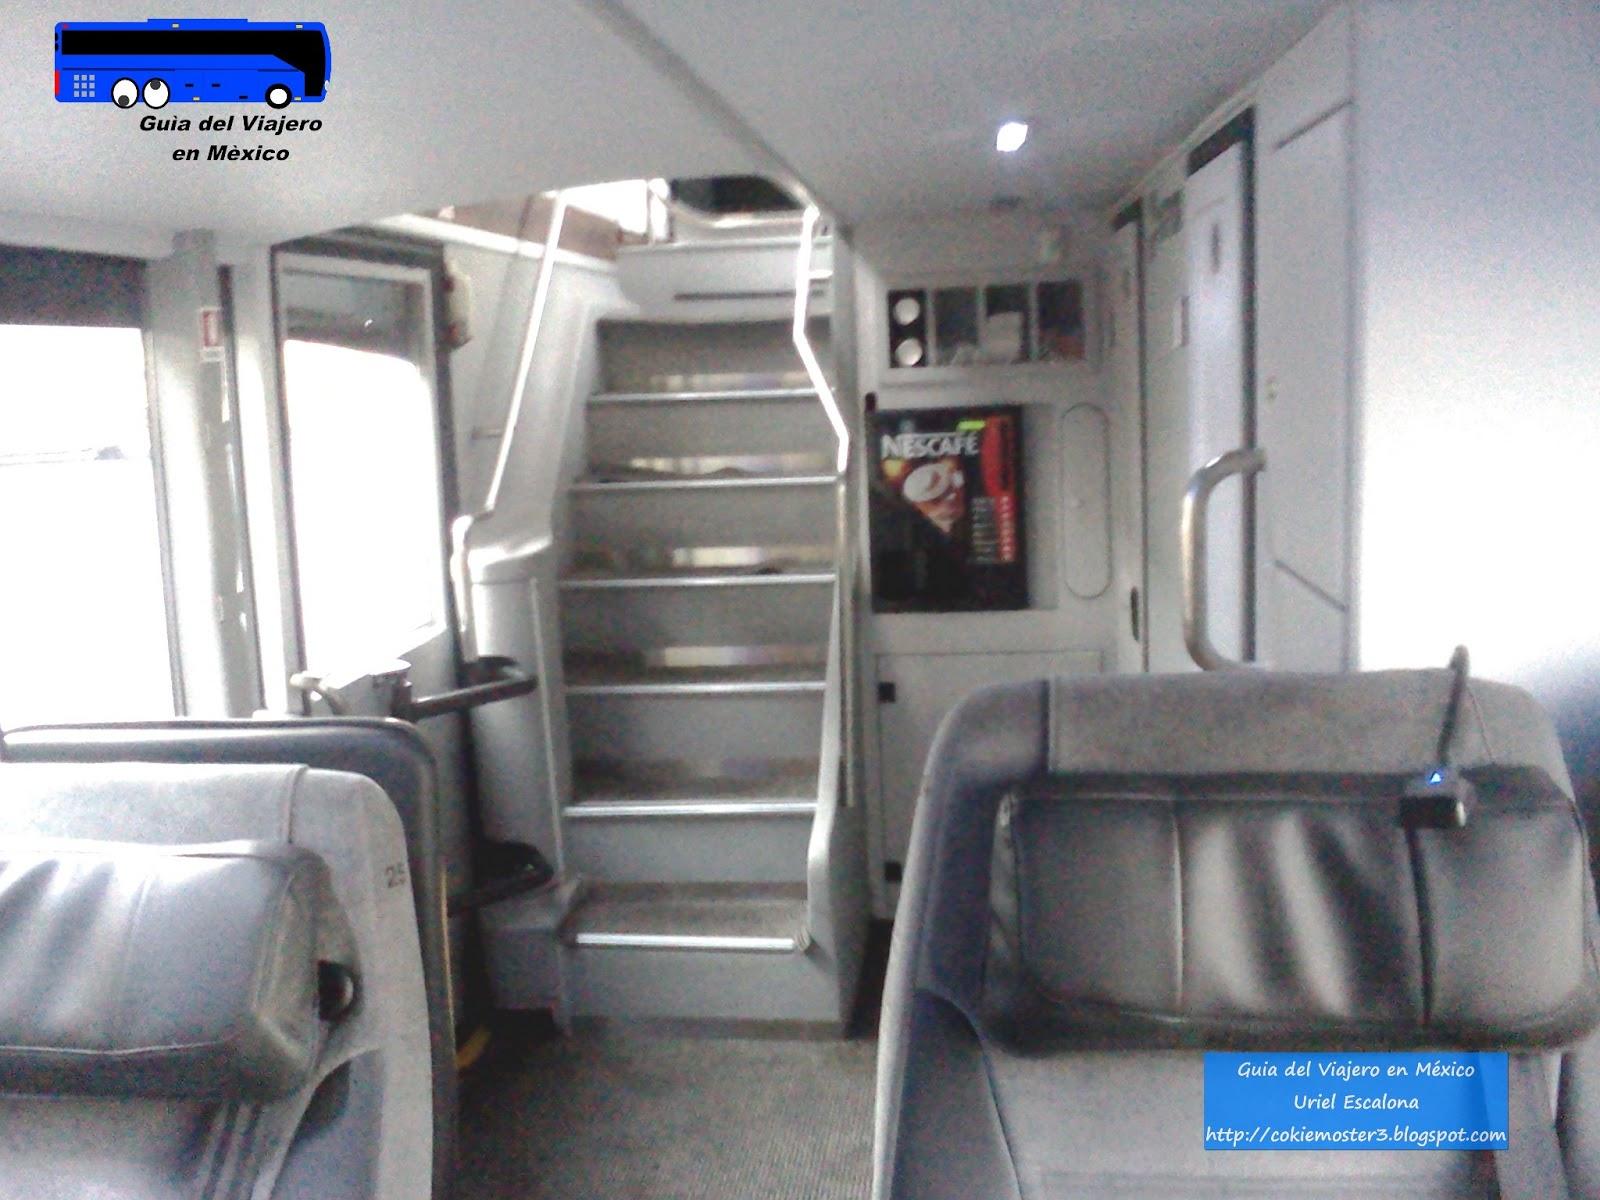 Gu a del viajero en m xico etn dos pisos - Autobuses de dos pisos ...